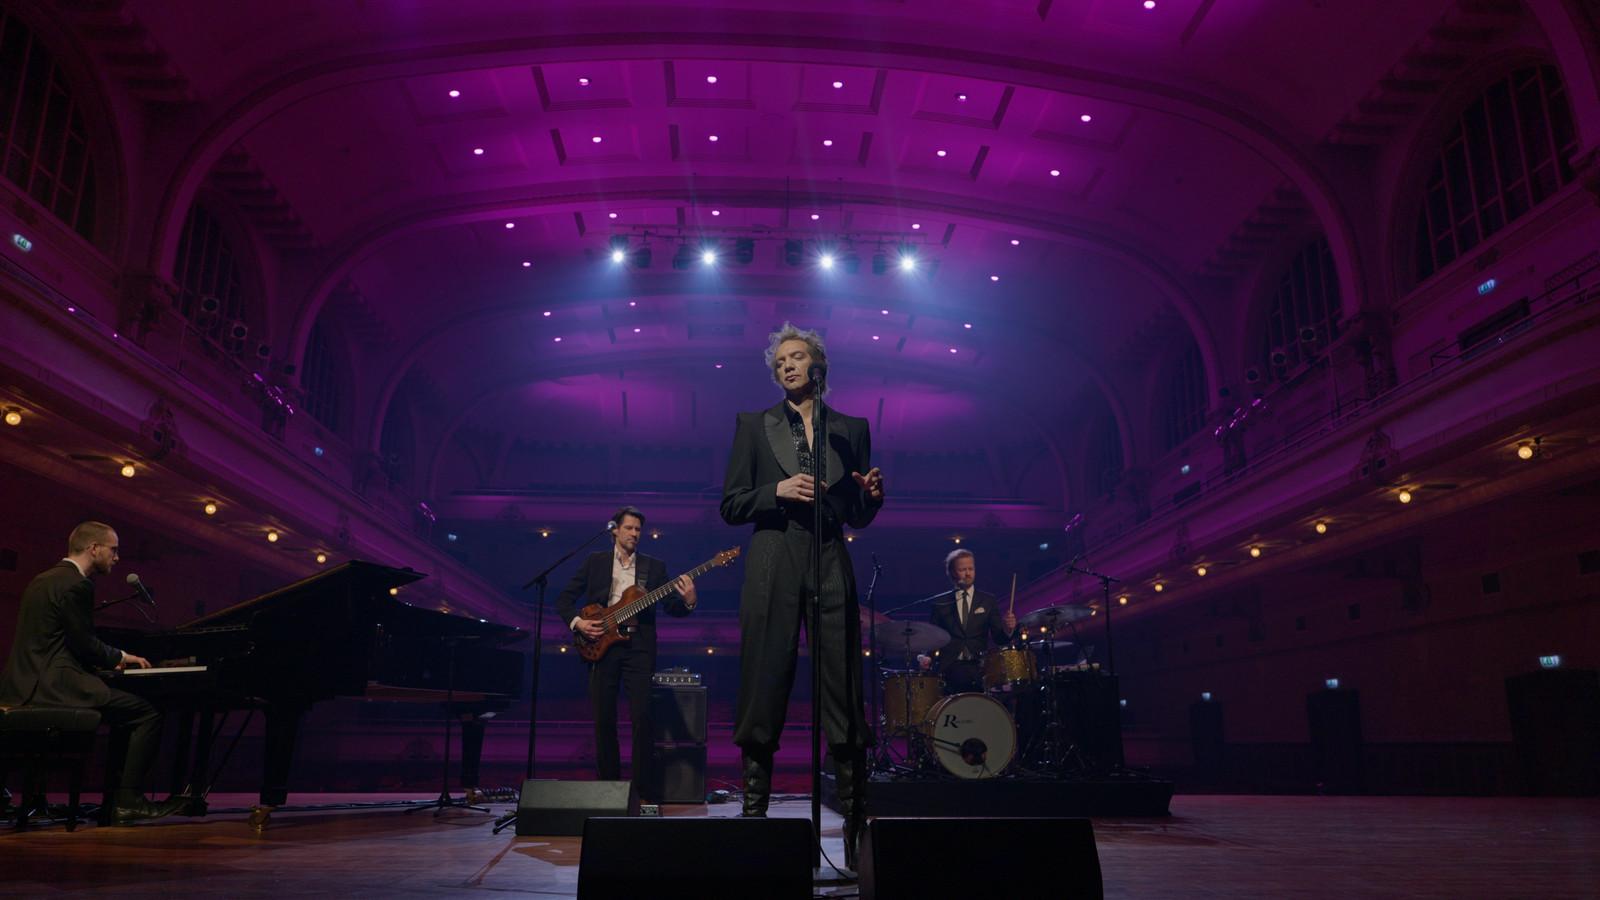 Sven Ratzke nam in De Vereeniging in Nijmegen het tv-programma 'Songs in a cabaret' op.